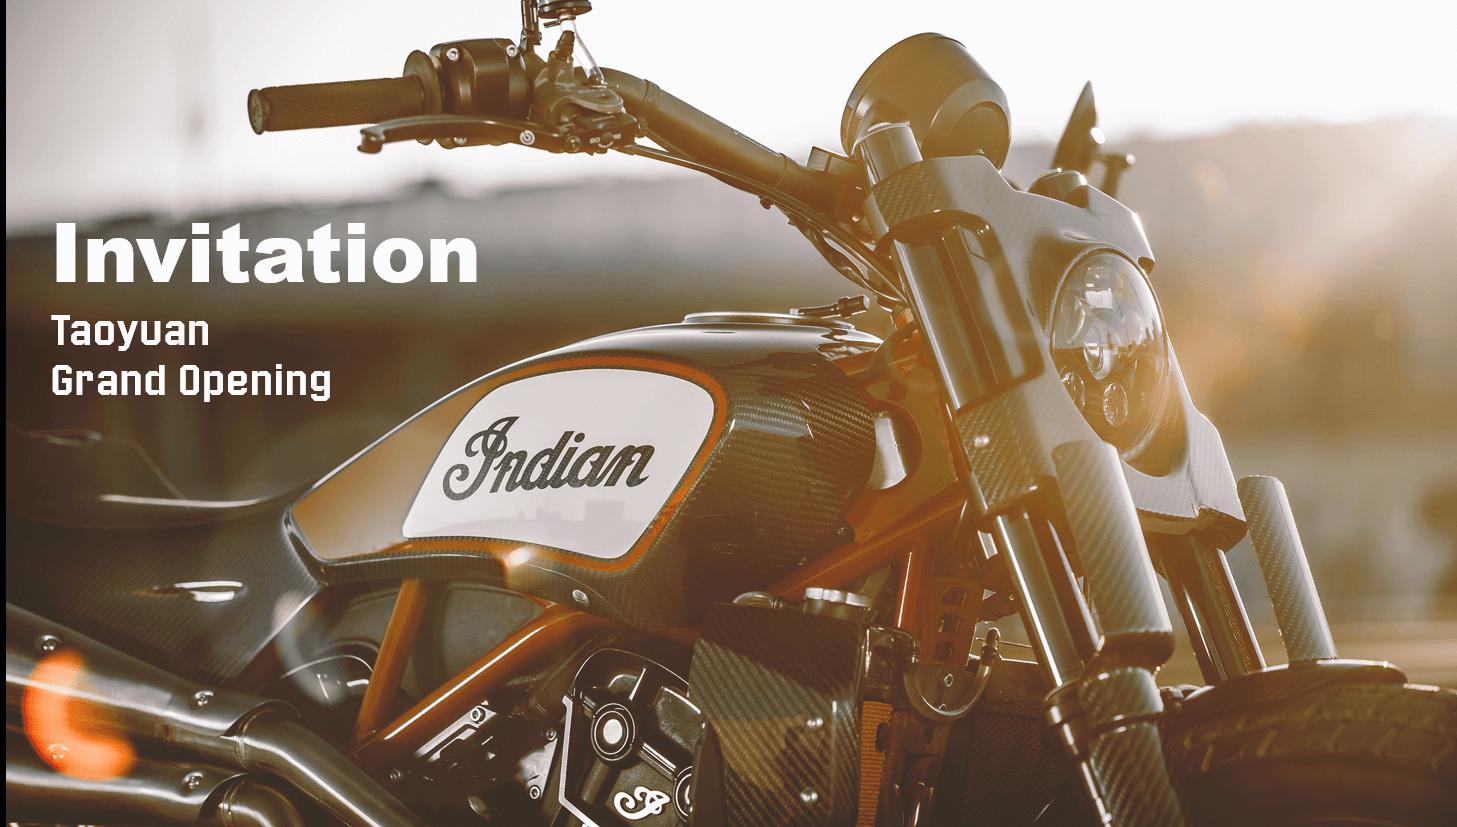 Indian Motorcycle 桃園旗艦展示中心隆重開幕